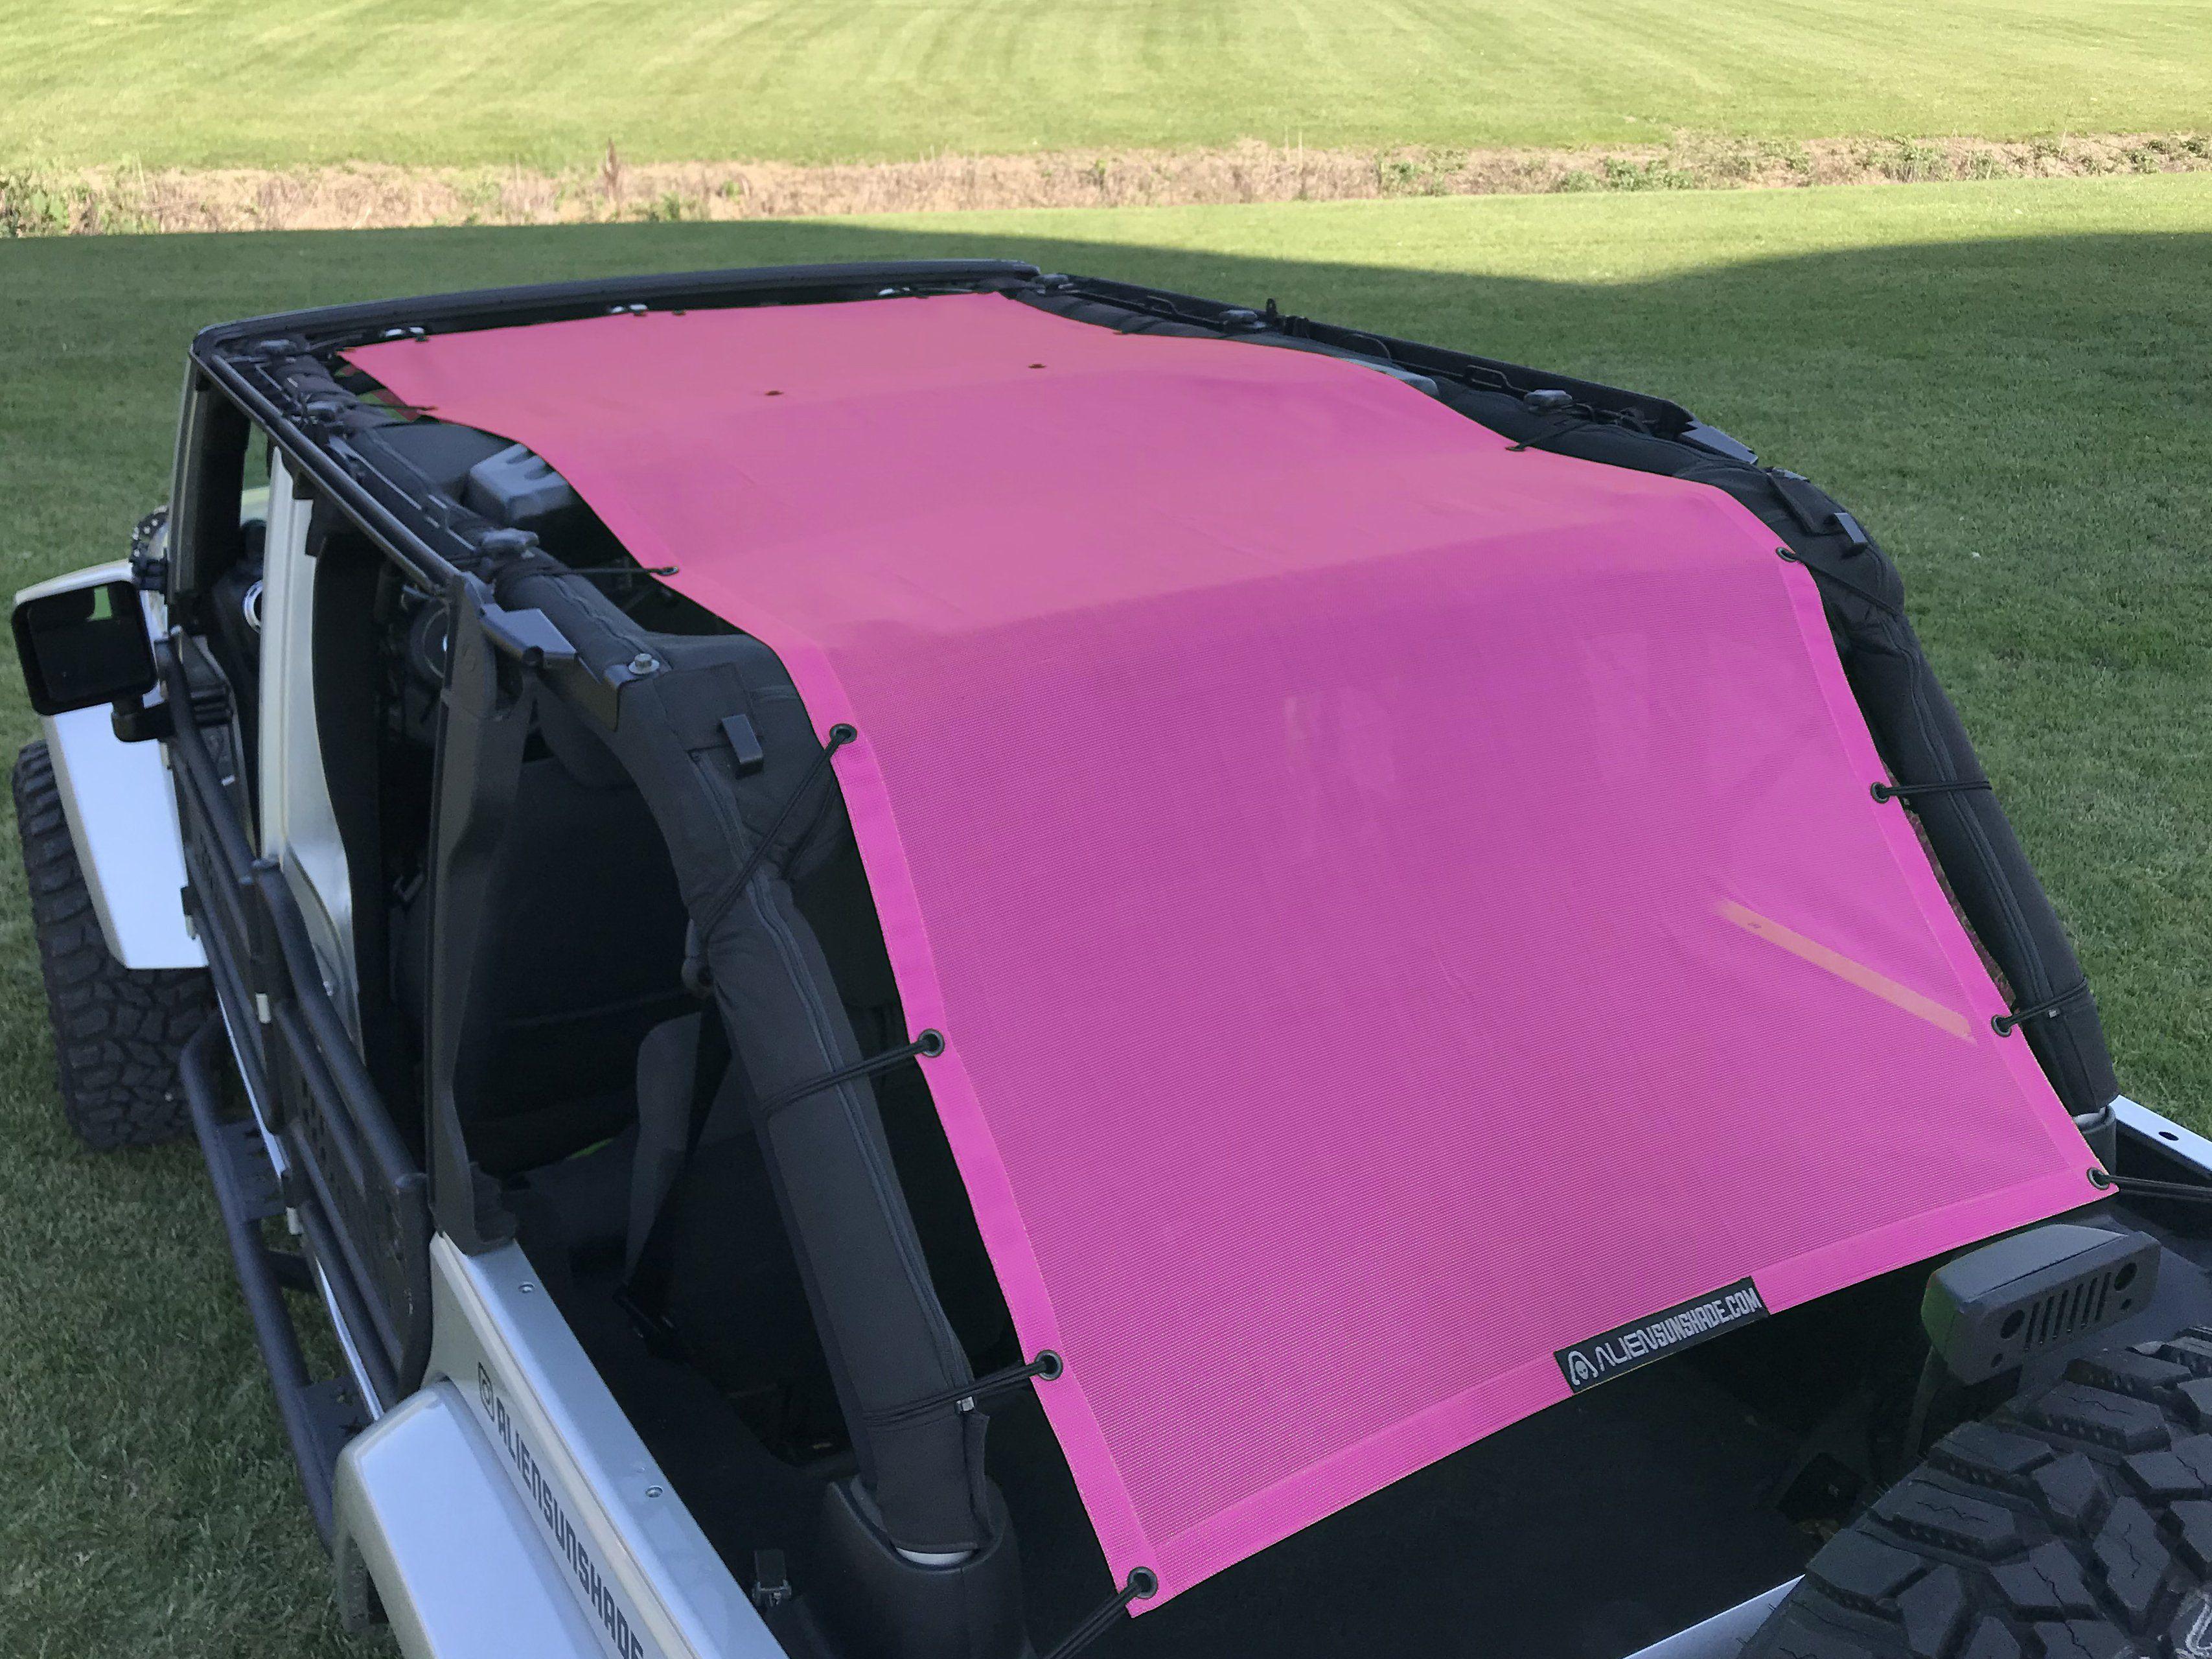 Alien sunshade jeep wrangler extra long full length mesh